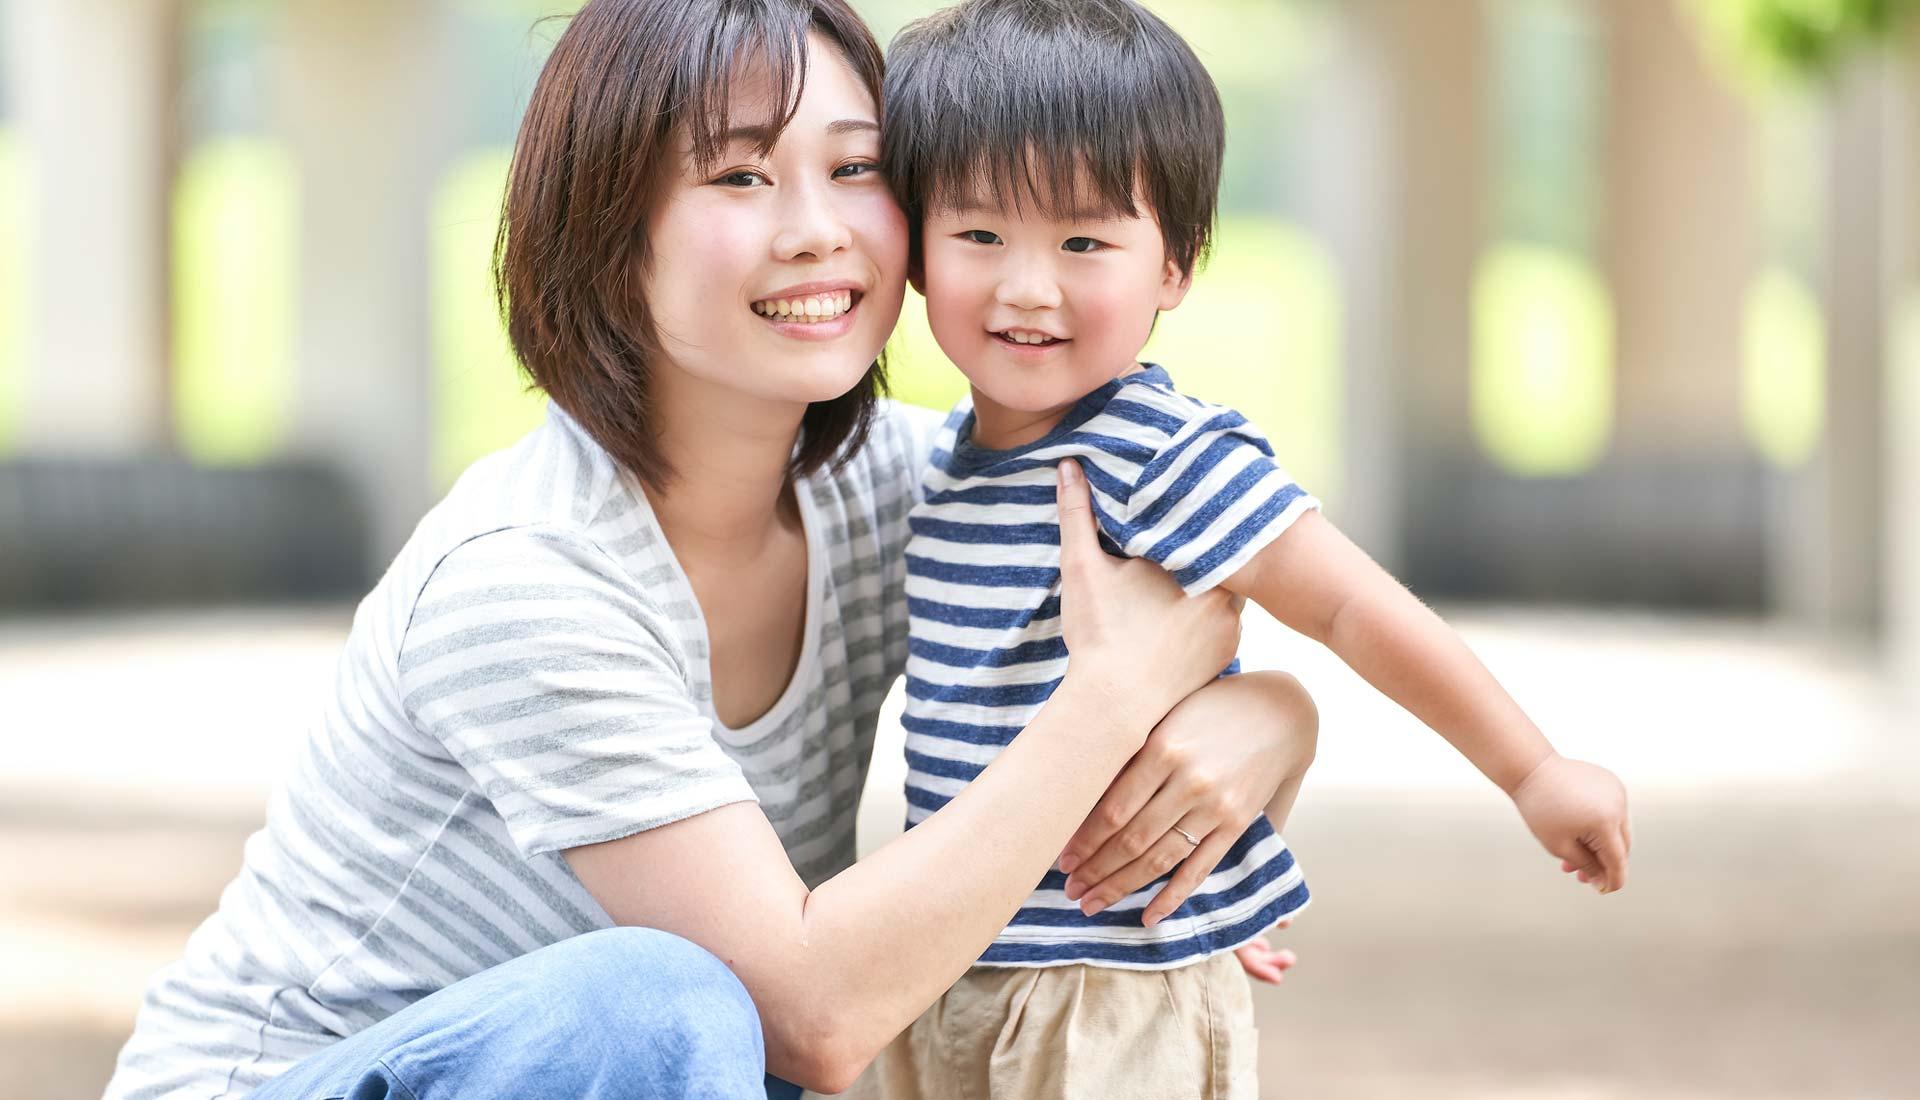 埼玉県、4歳の男のお子さん